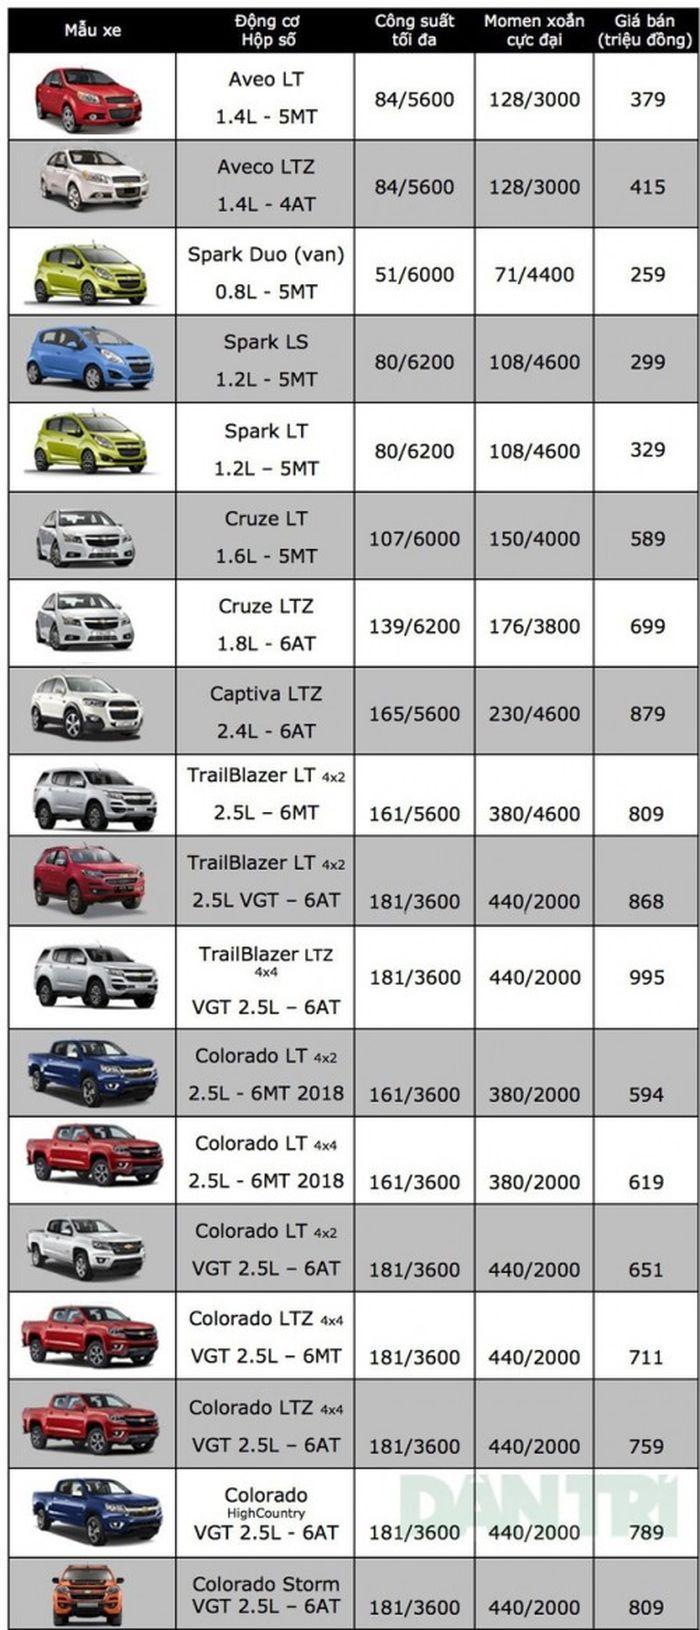 Bảng giá xe Ôtô chevrolet mới nhất tháng 12/2018: Spark Duo giá ưu đãi chỉ 259 triệu đồng